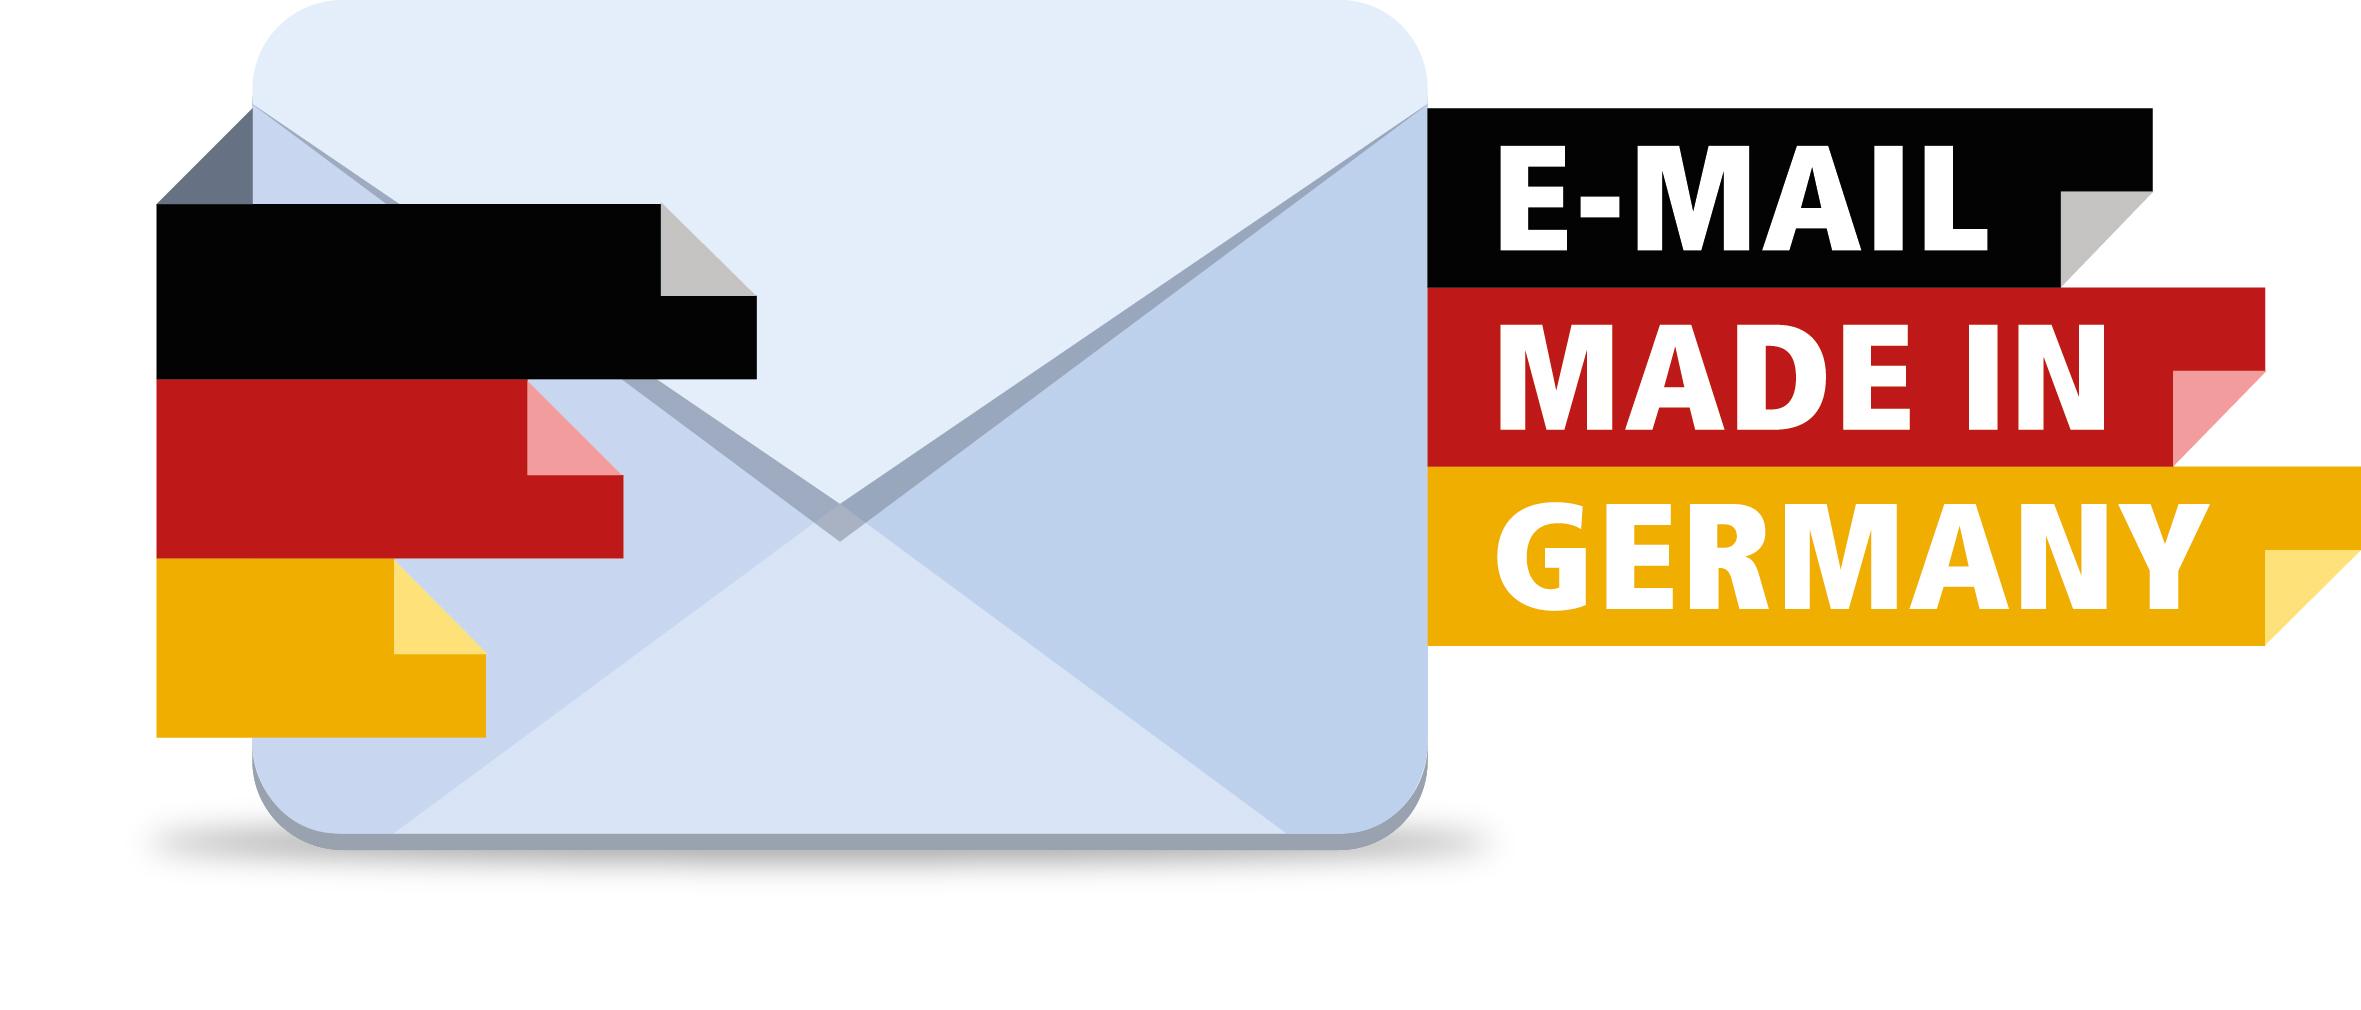 gmx de mail